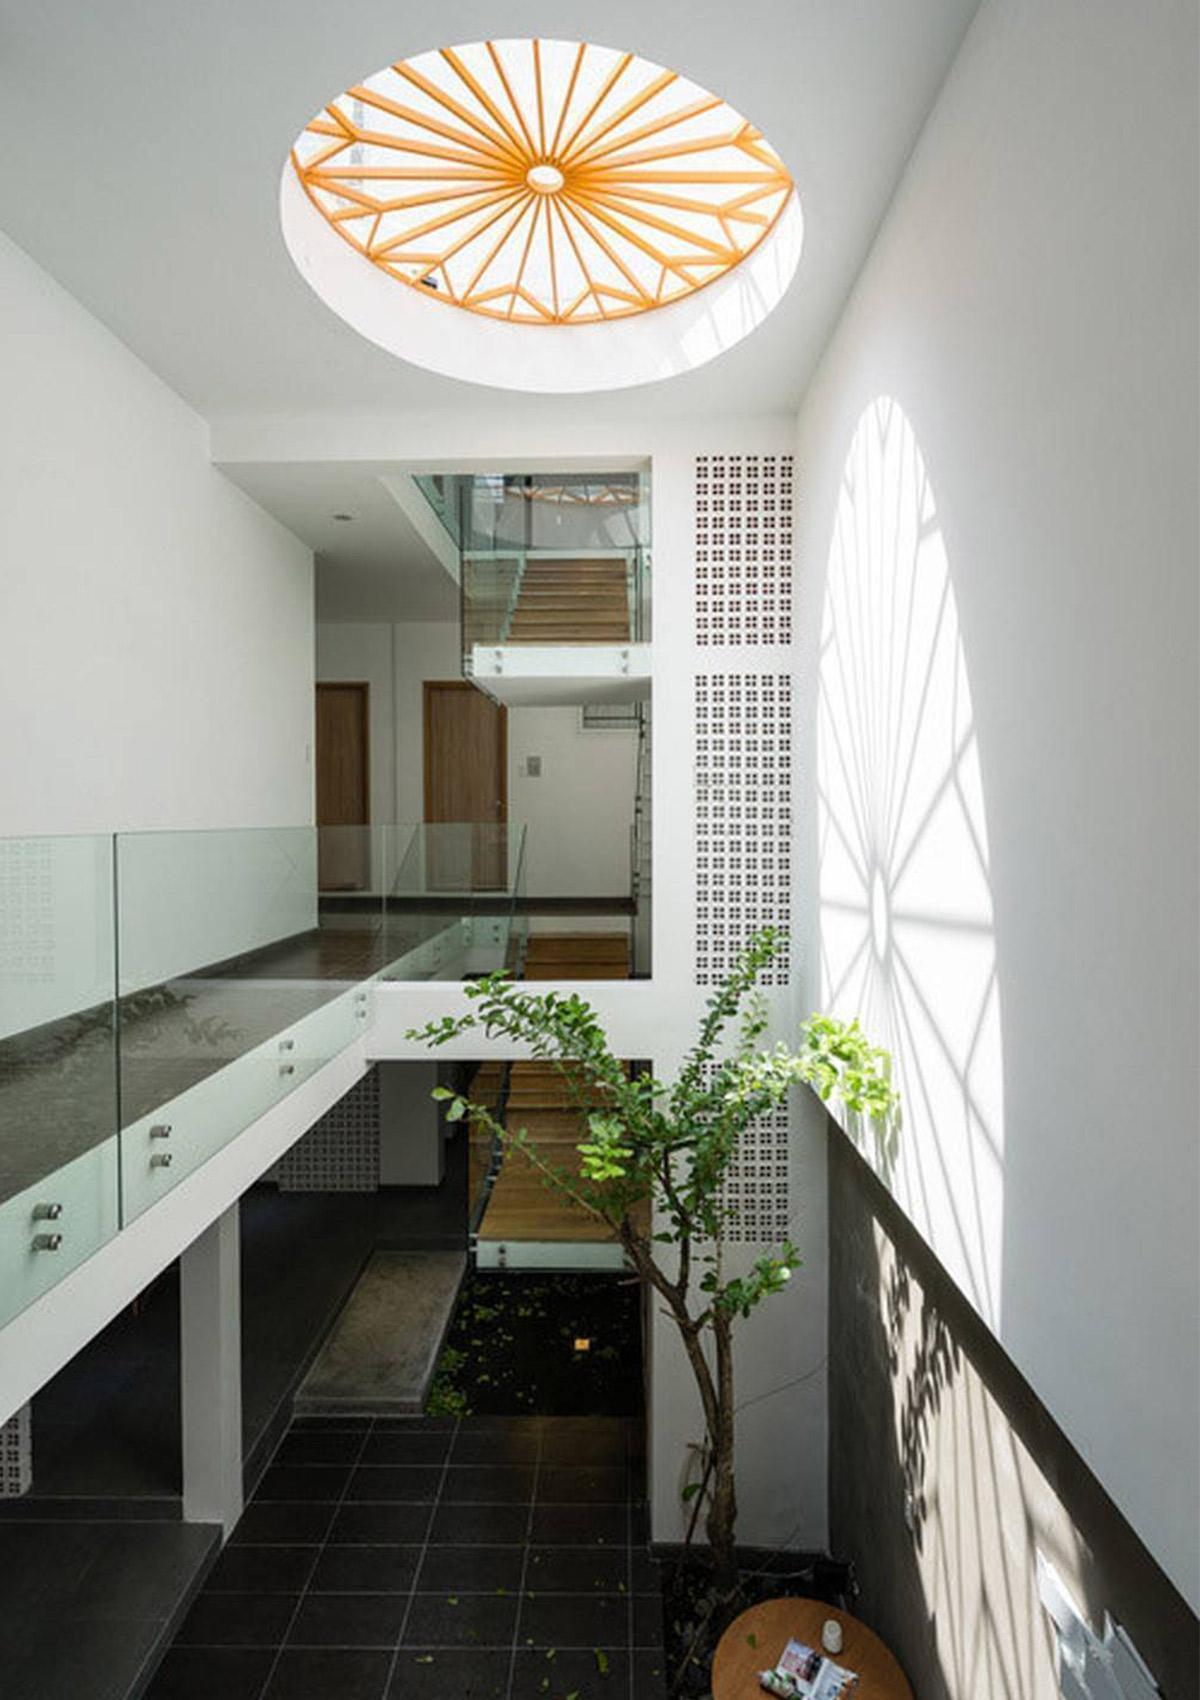 thiết kế căn nhà có sử dụng giếng trời